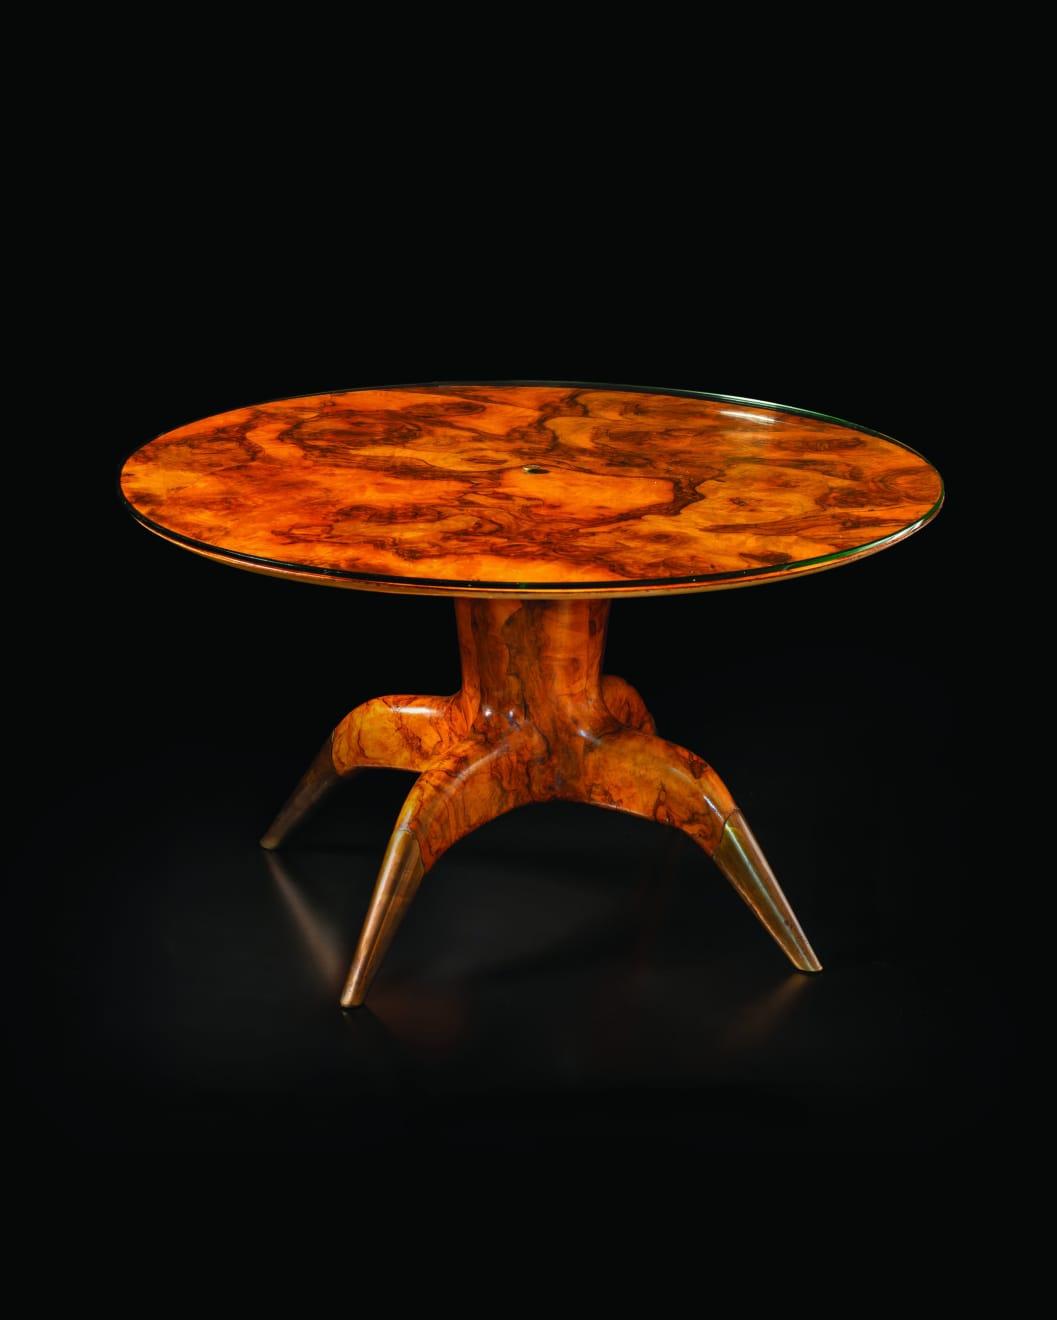 Gio Ponti, Unique Low Table, c. 1951